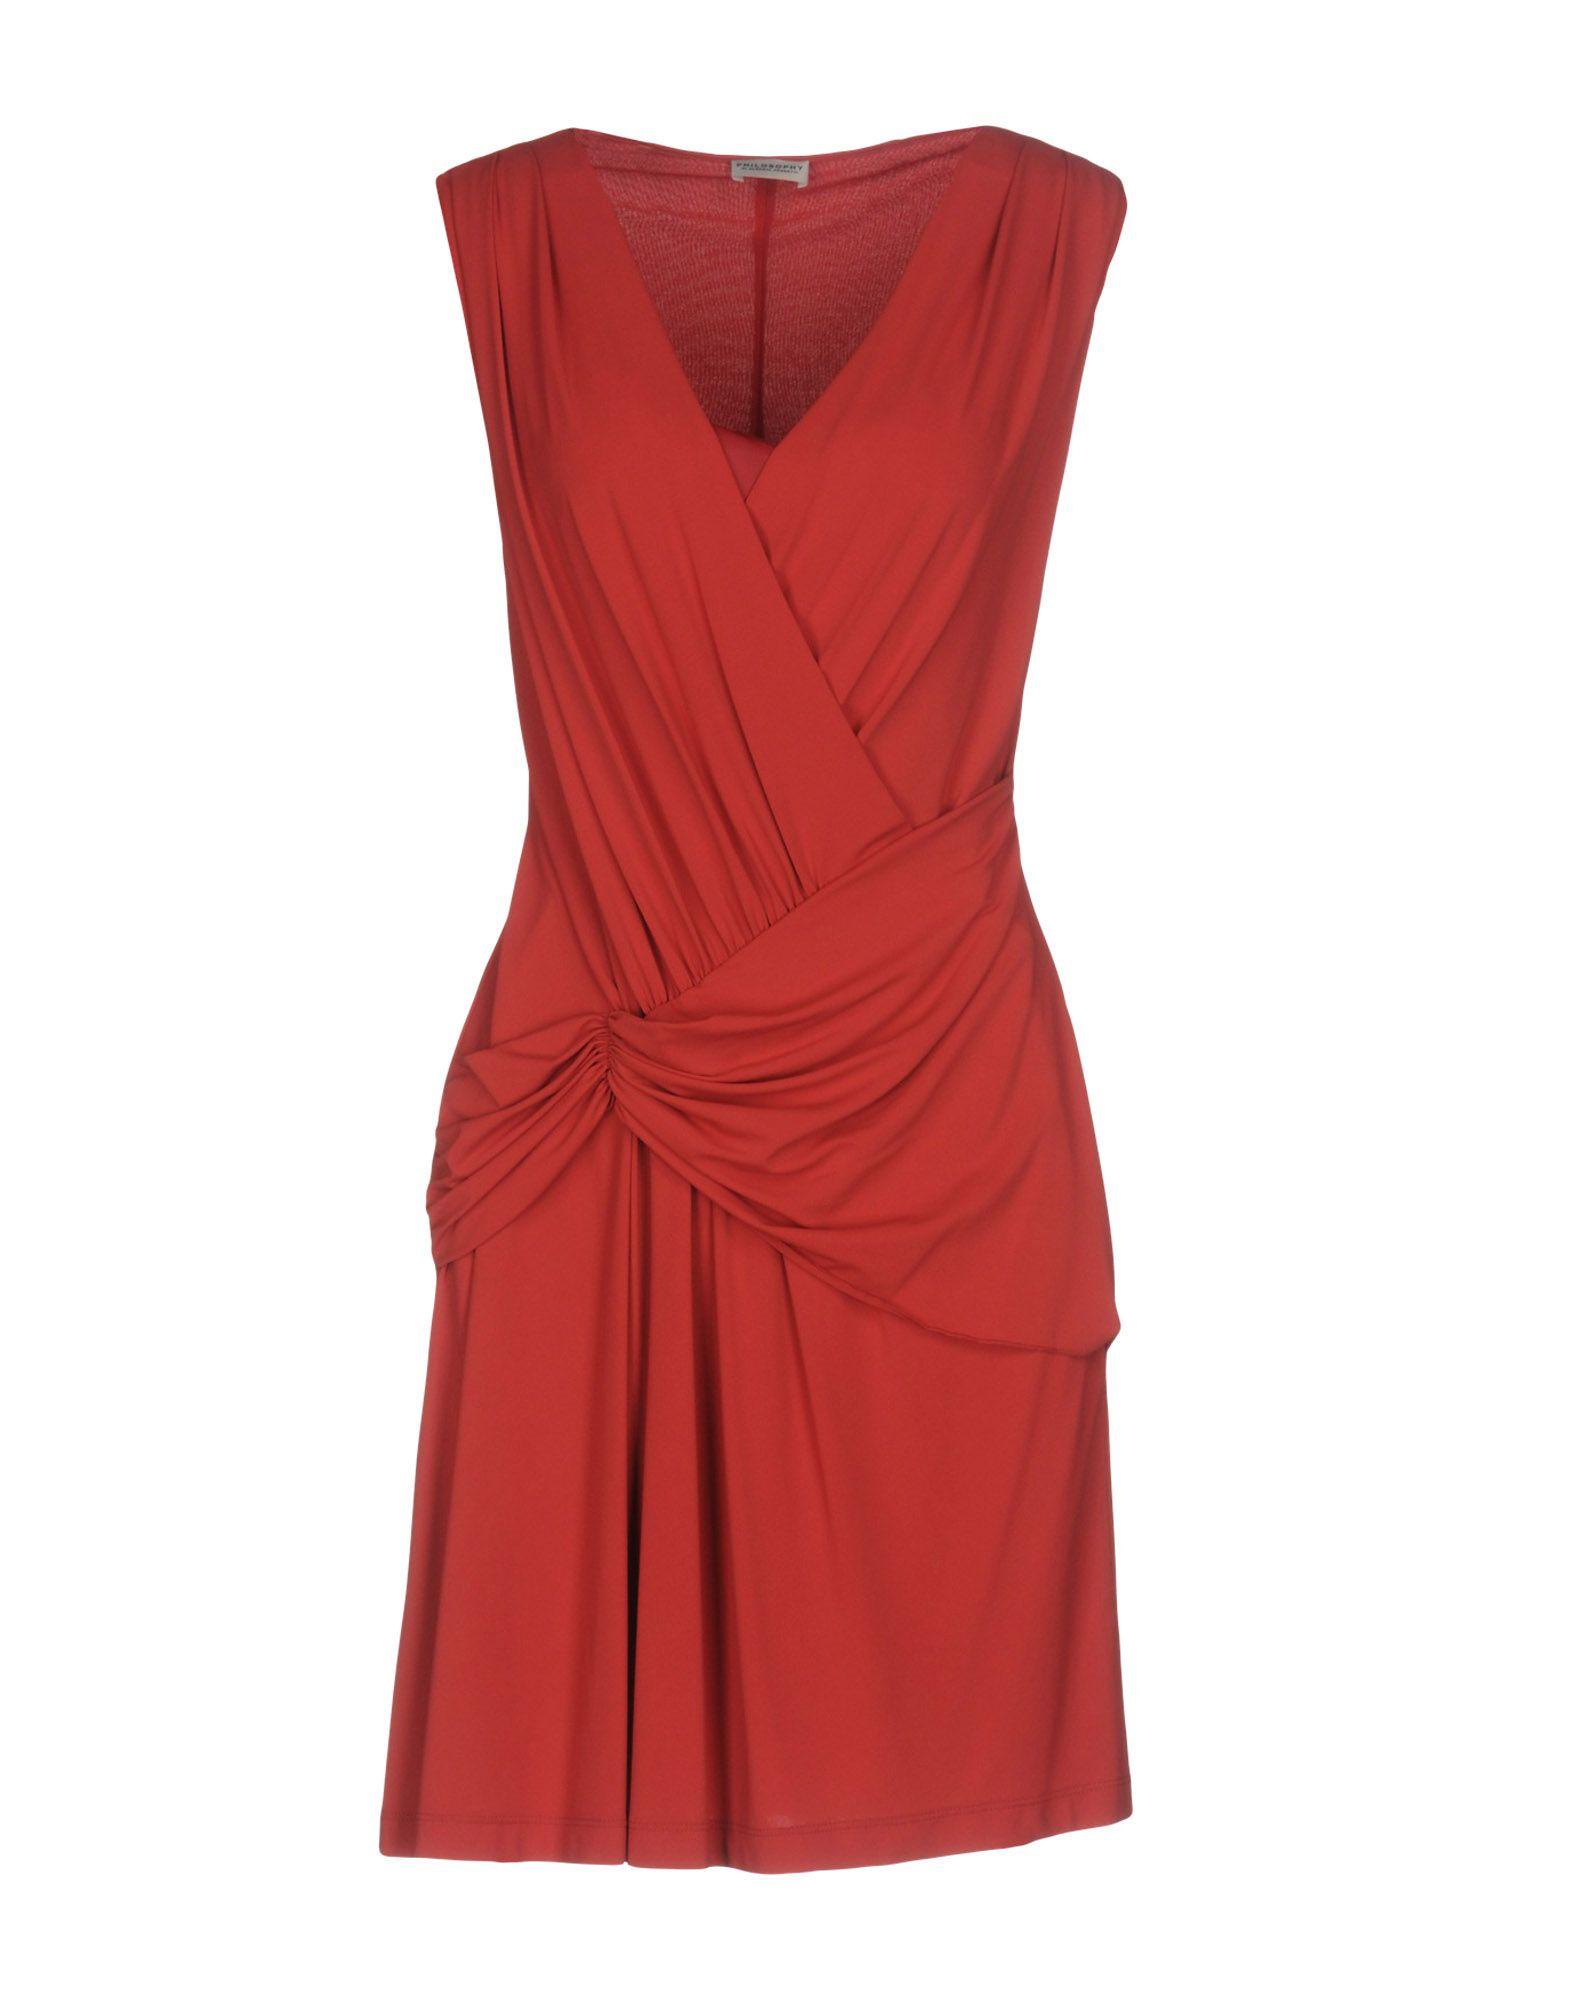 PHILOSOPHY di ALBERTA FERRETTI Короткое платье длинное платье с кружевными вставками fhilosophy di alberta ferretti